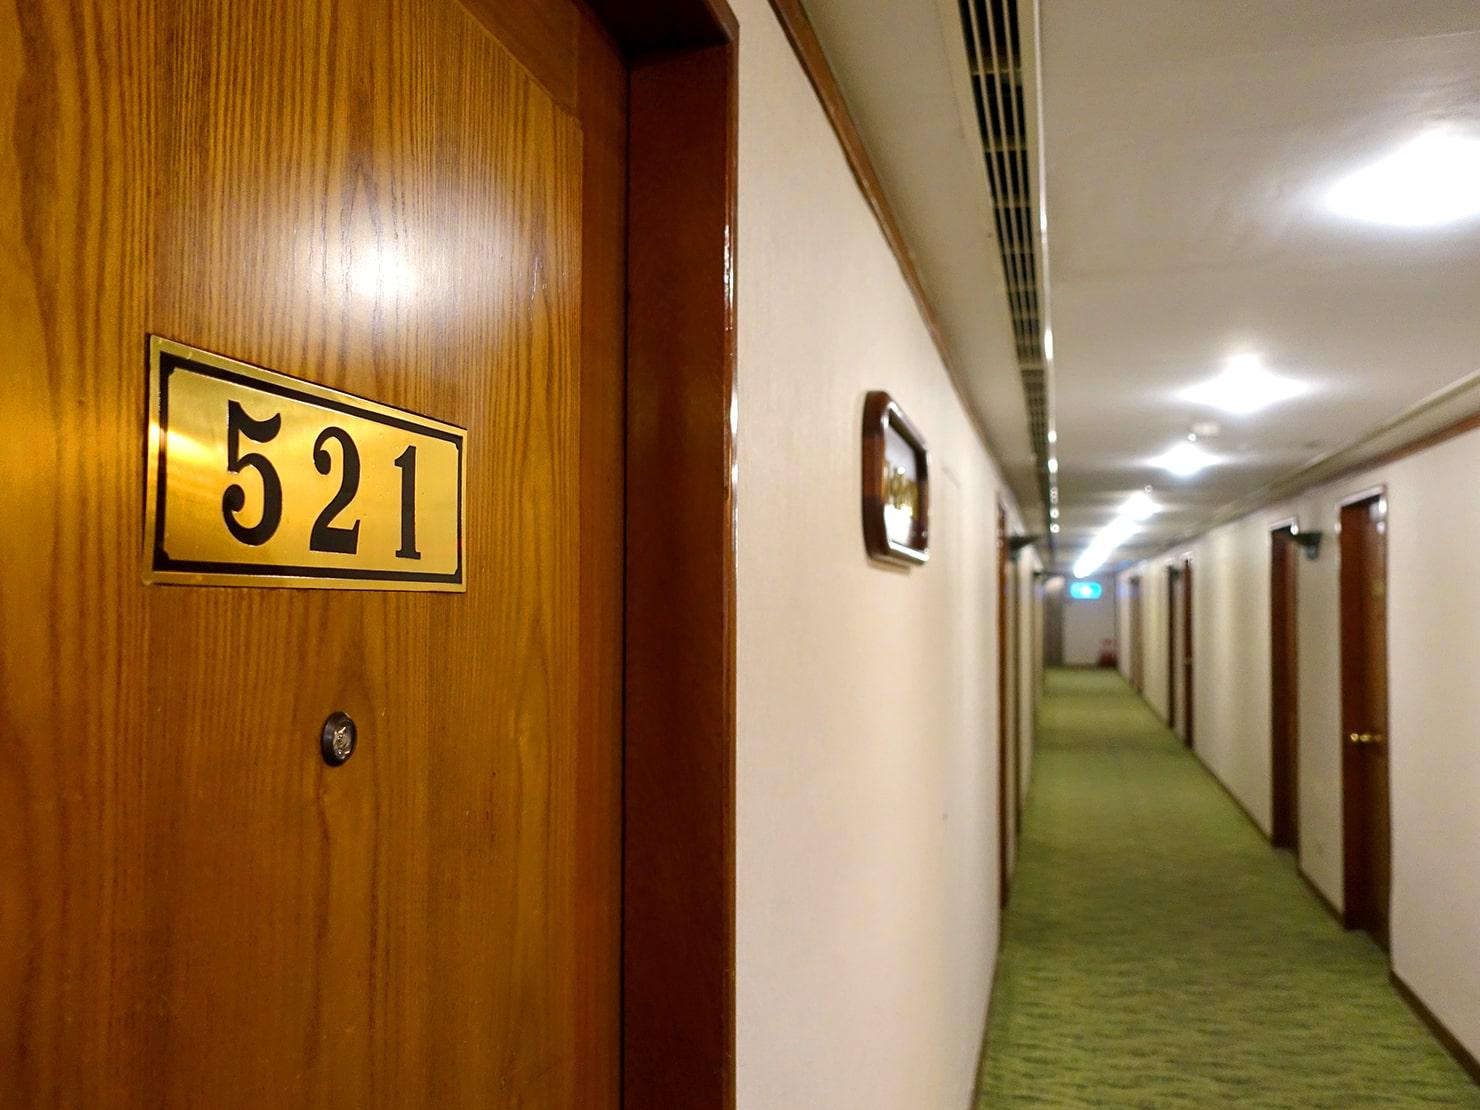 台南駅が目の前の老舗ホテル「台南大飯店 Hotel Tainan」のエレベーターホール